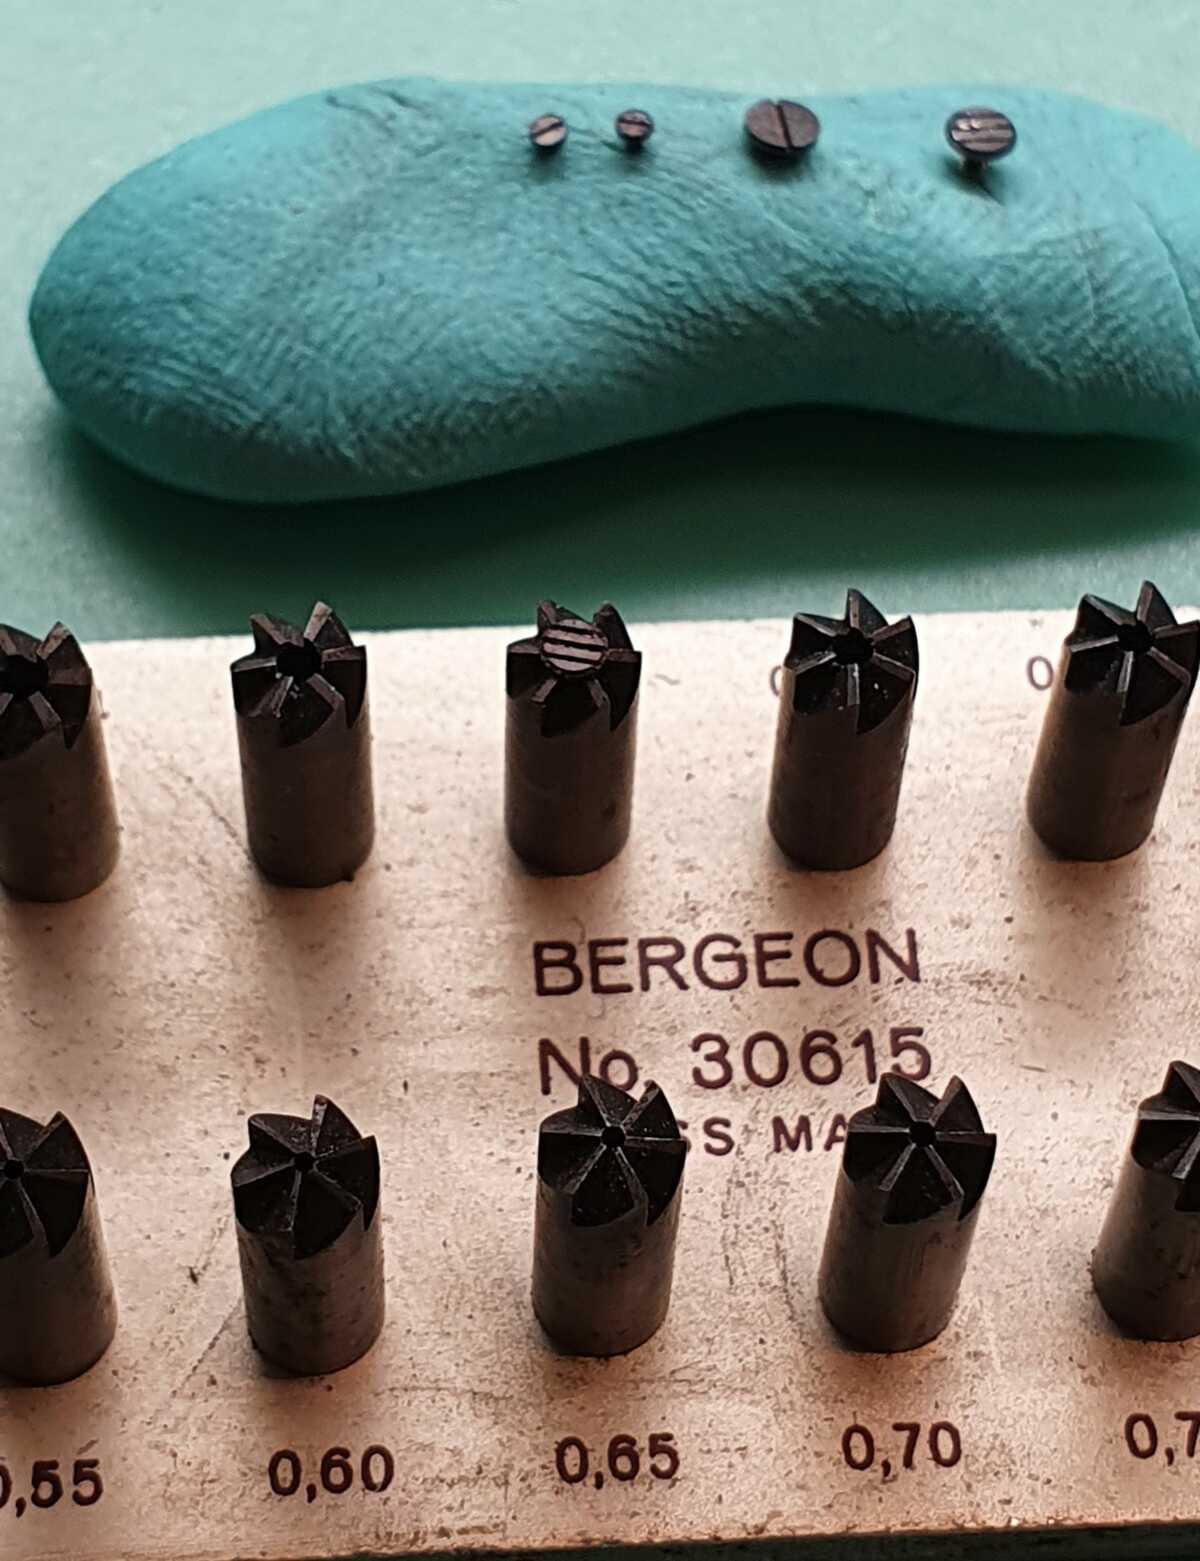 Bergeon tool 30615 schoonmaak van schroeven